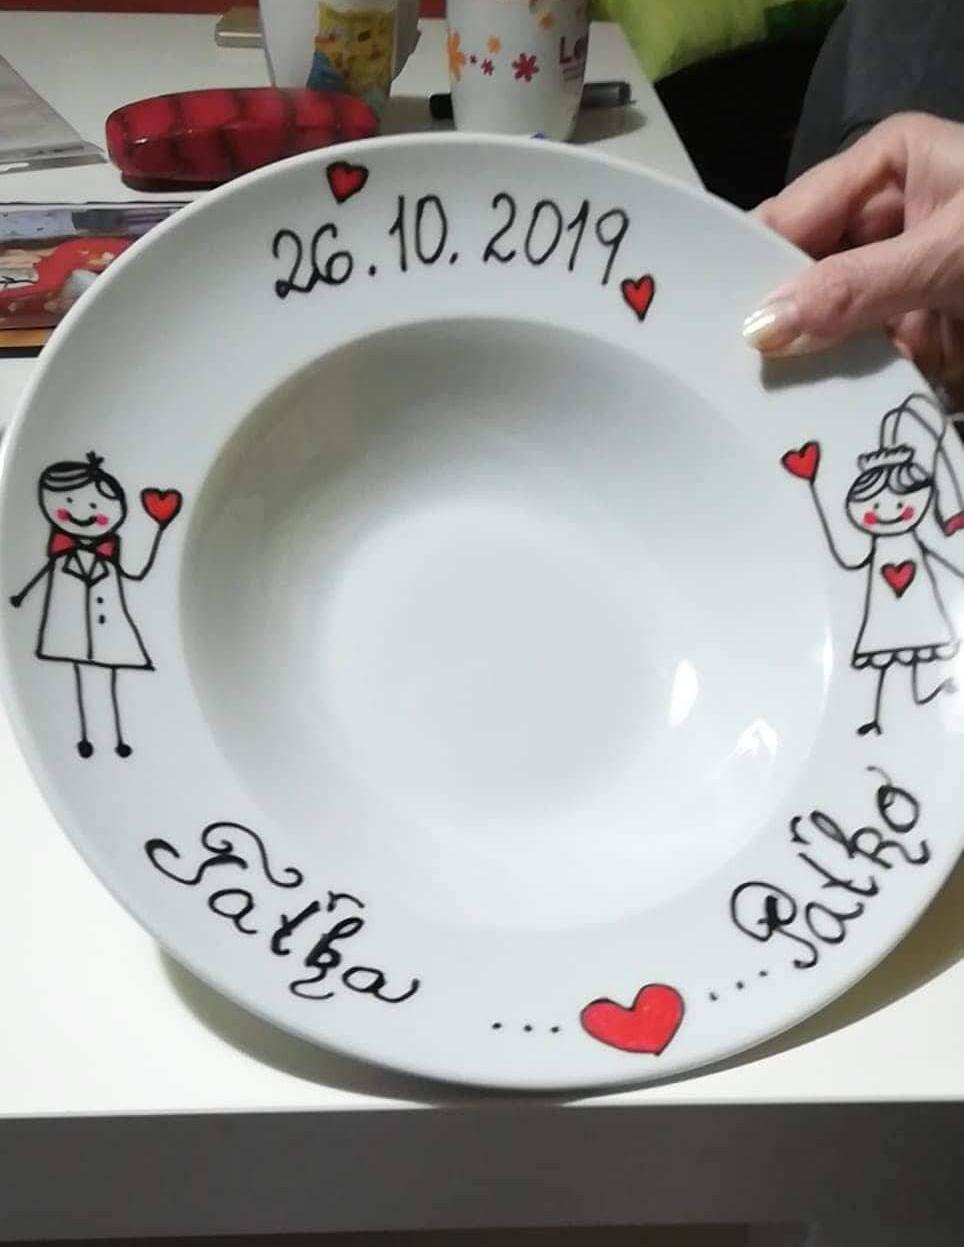 Plánovanie toho nášho najkrajšieho DŇA  :-) - Náš svadobný tanier na polievku (vyrábala som si ho sama)